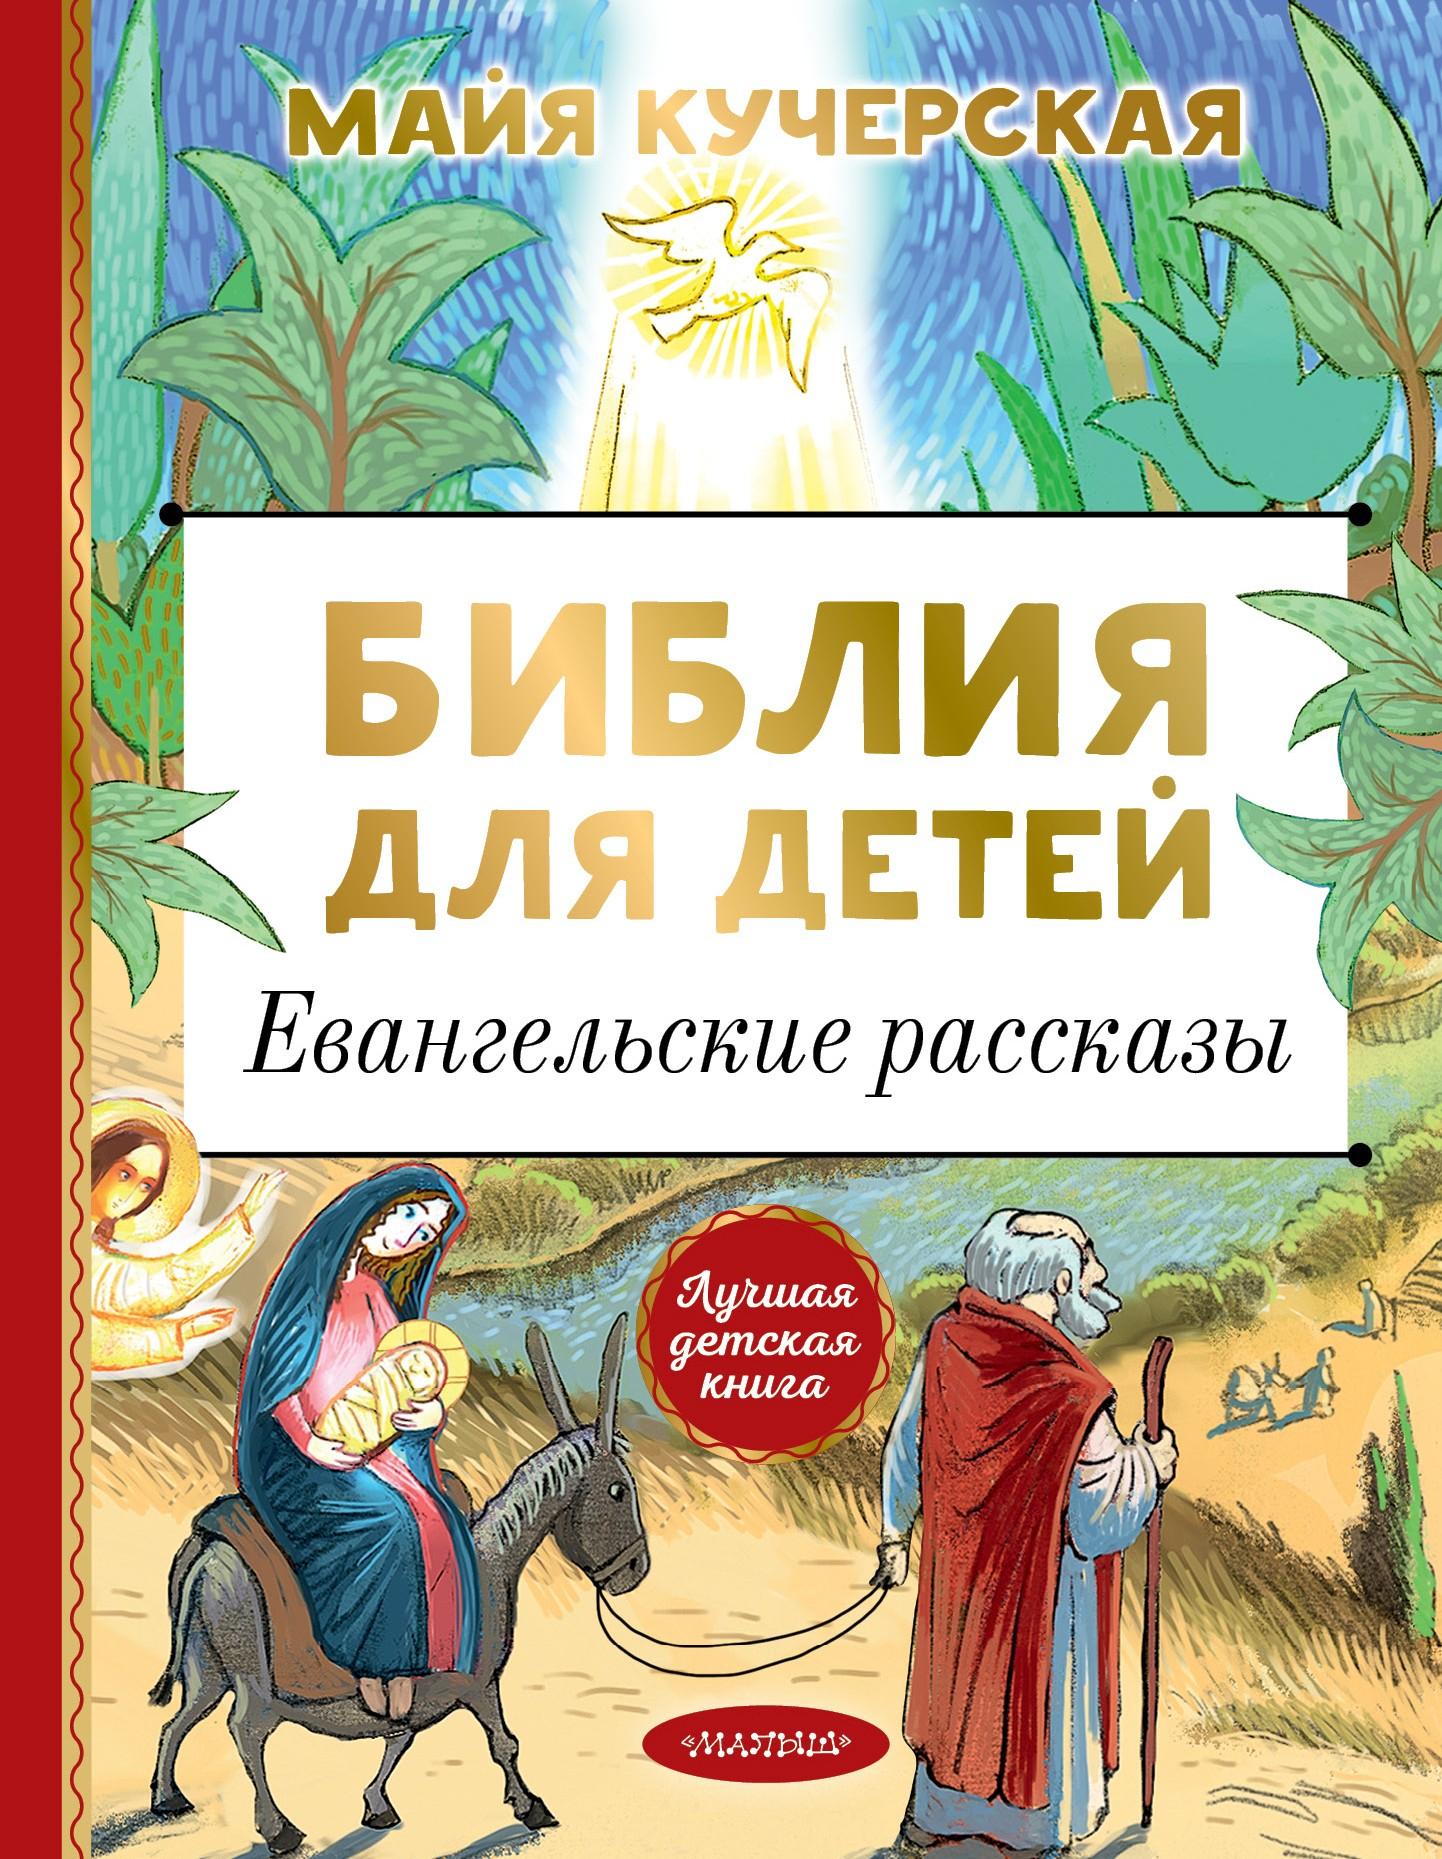 Отсутствует Библия для детей. Евангельские рассказы